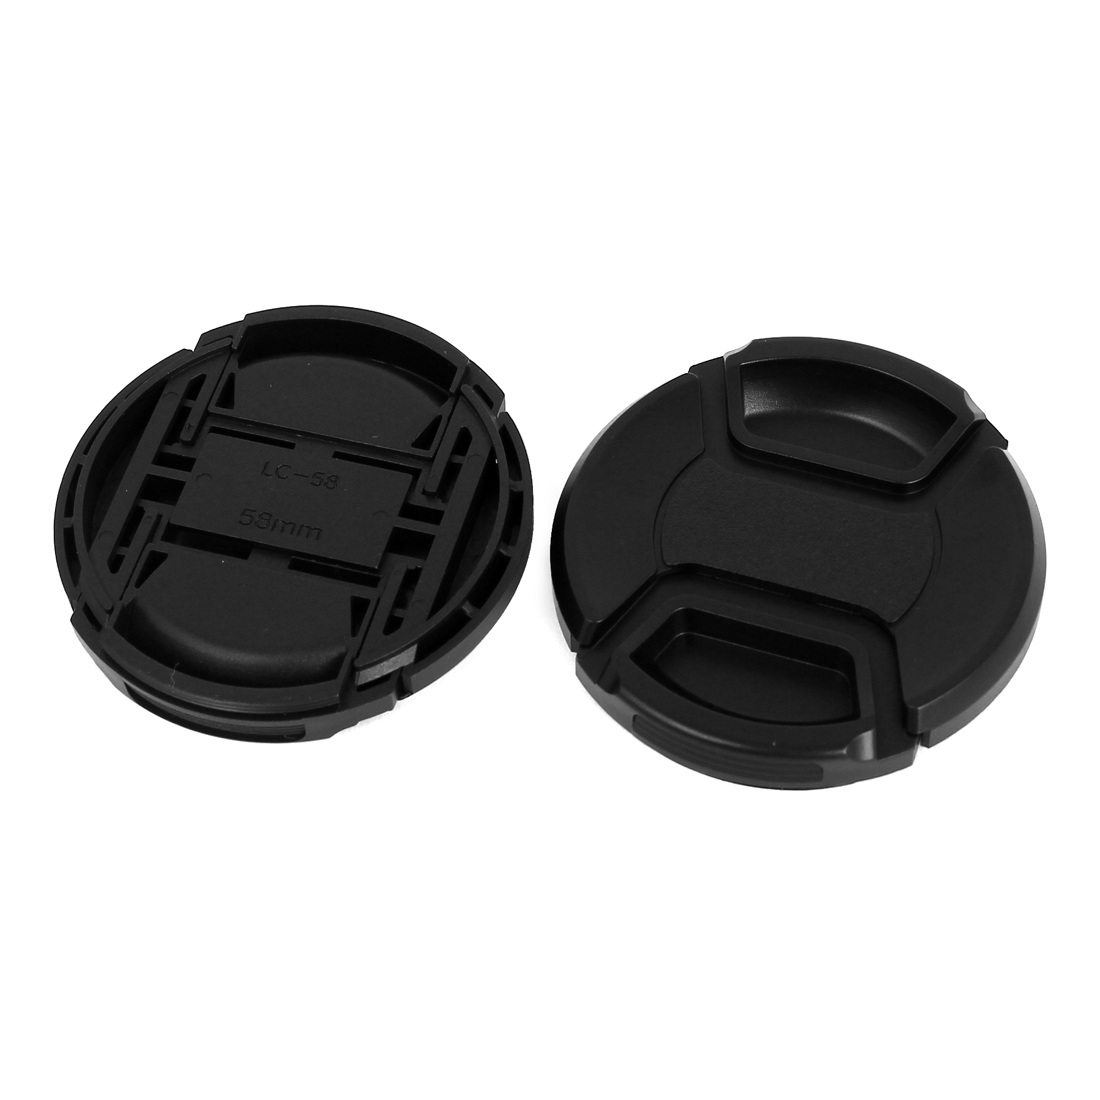 58mm Dia Plastic Front Snap Digital Camera Lens Caps Cover Protector Black 2Pcs